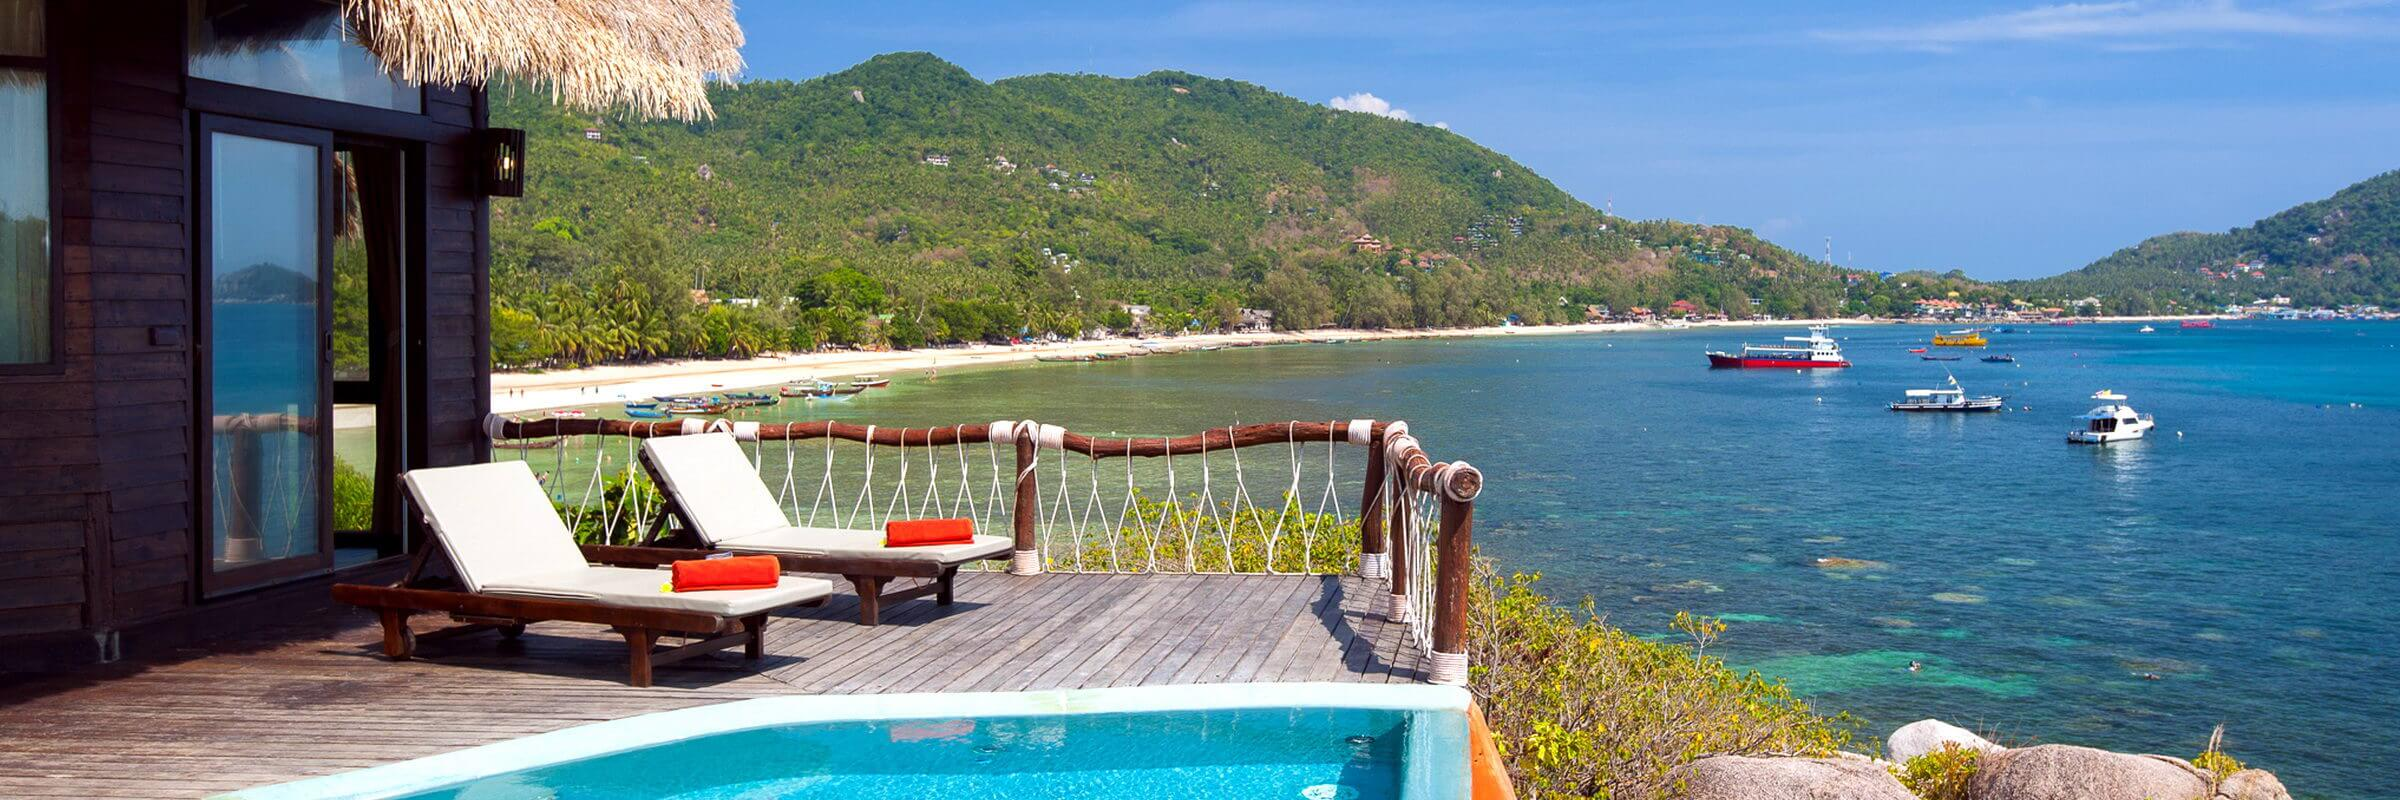 Pool und Terrasse der Villen im Koh Tao Cabana Boutique Resort mit einmaligem Ausblick